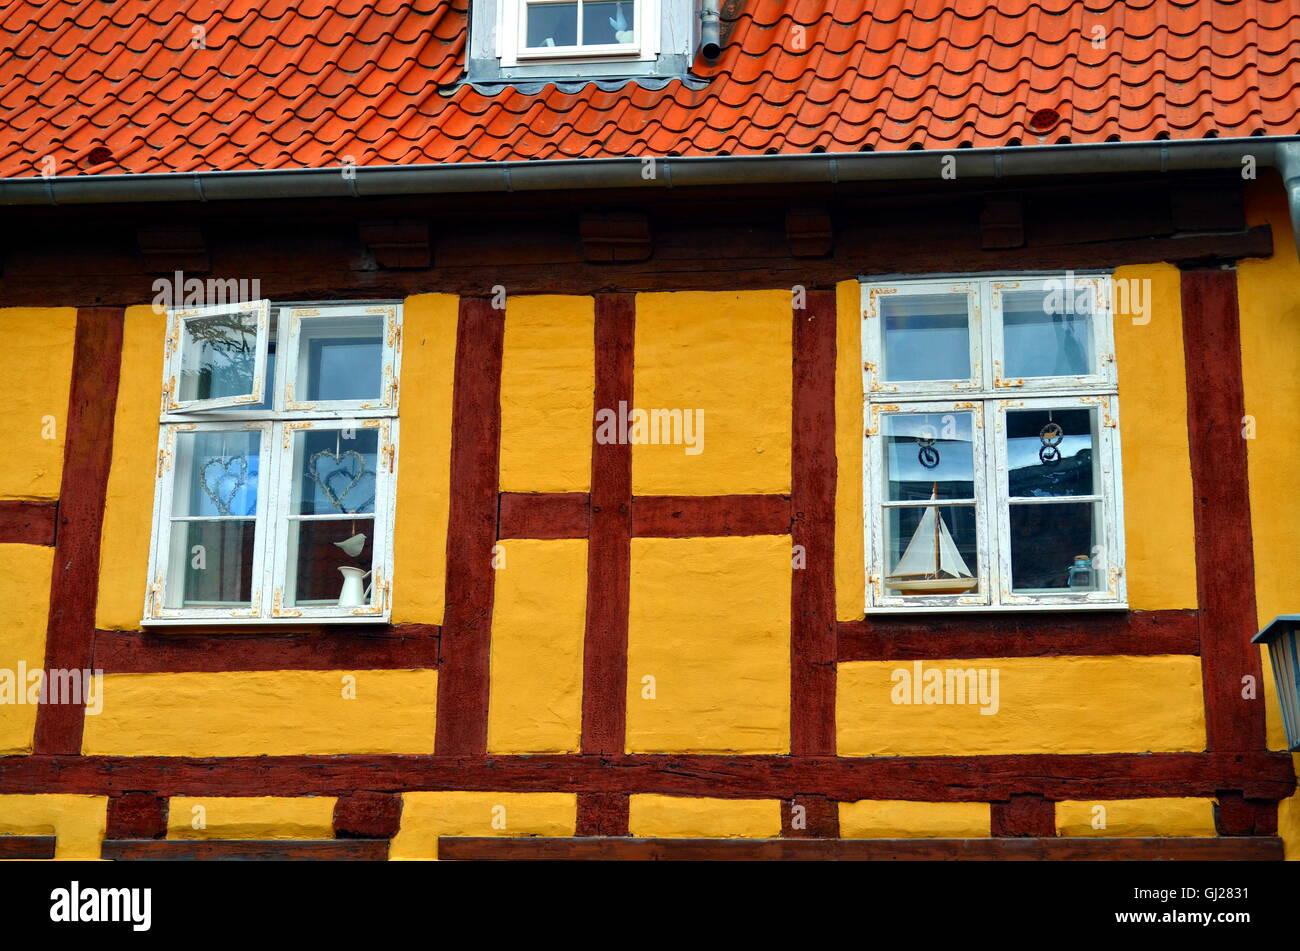 Fenster Von Einem Holzhaus Umrahmt Mit Mediterrane Dekoration